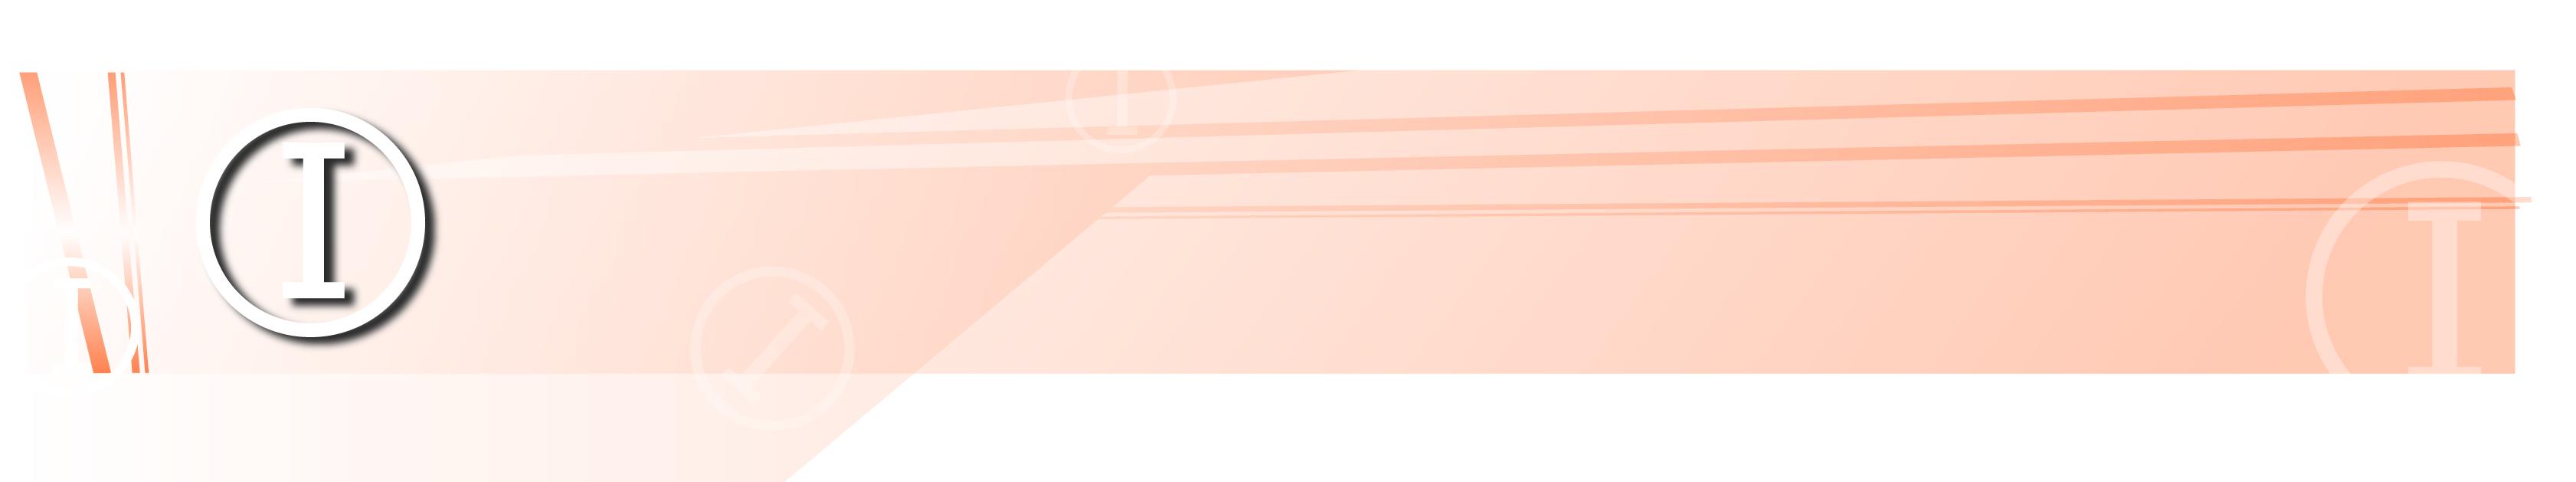 banner-12.jpg